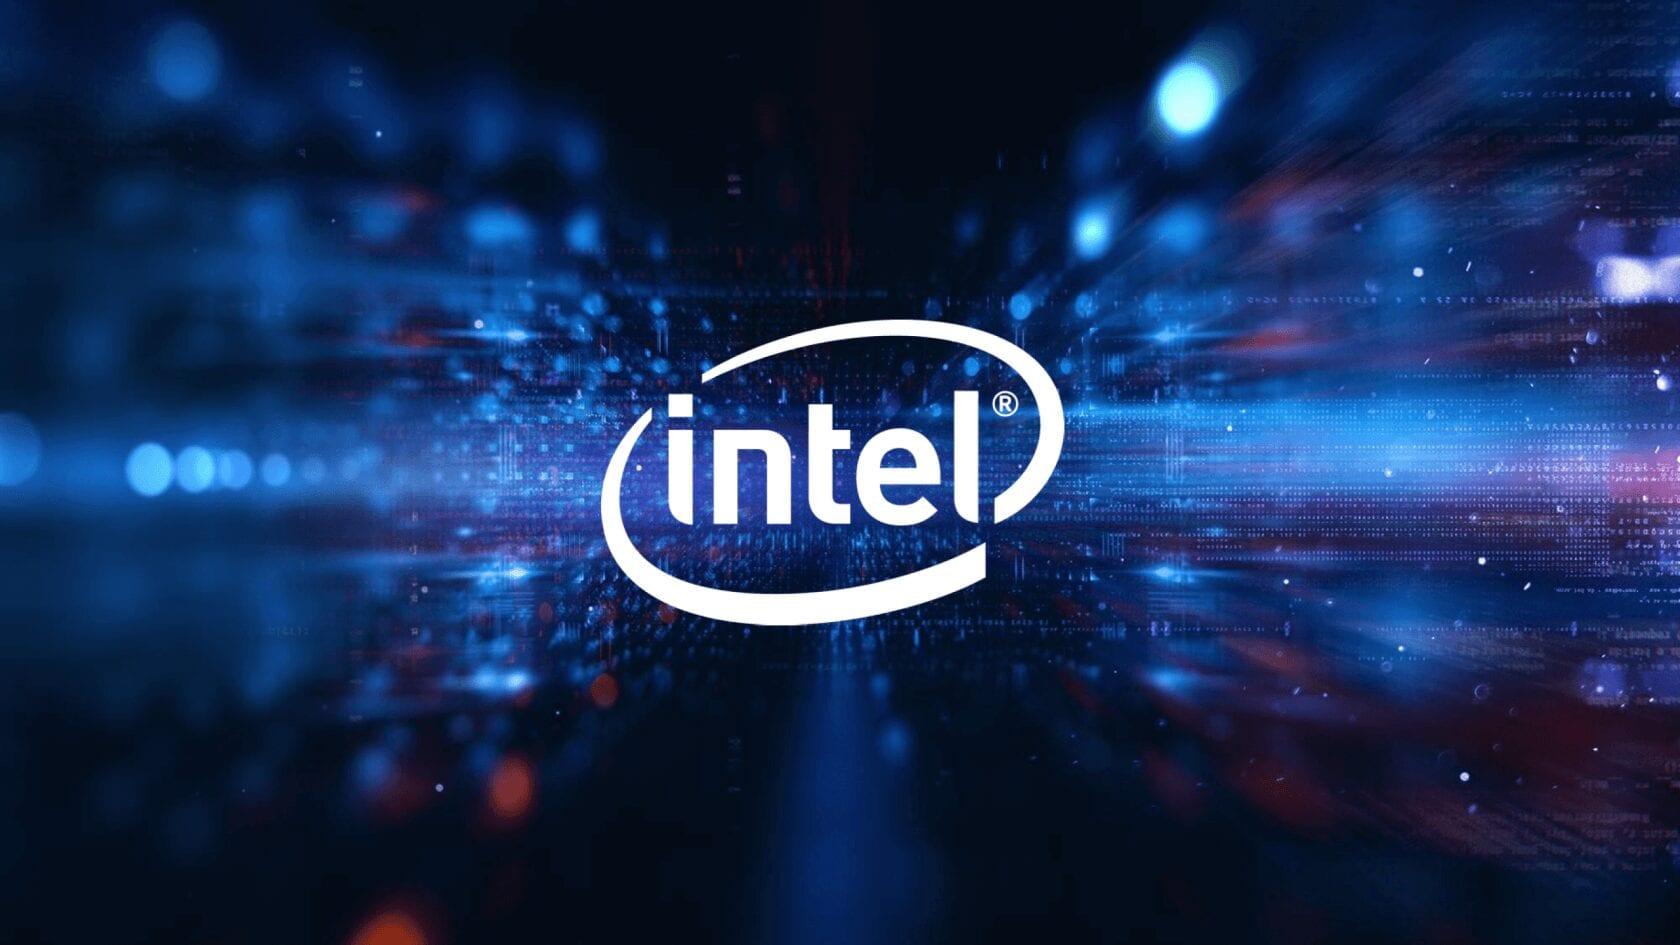 Intel Core i3-10100: 4 ядра, 8 потоков по цене чуть больше $100